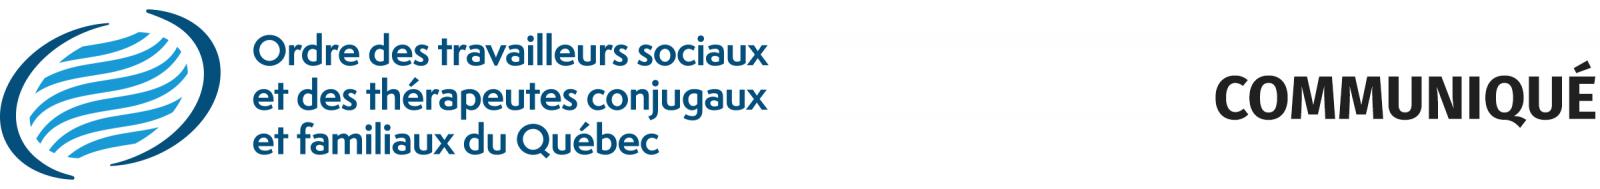 Logo Ordre des travailleurs sociaux et des thérapeutes conjugaux et familiaux du Québec (Communiqué)